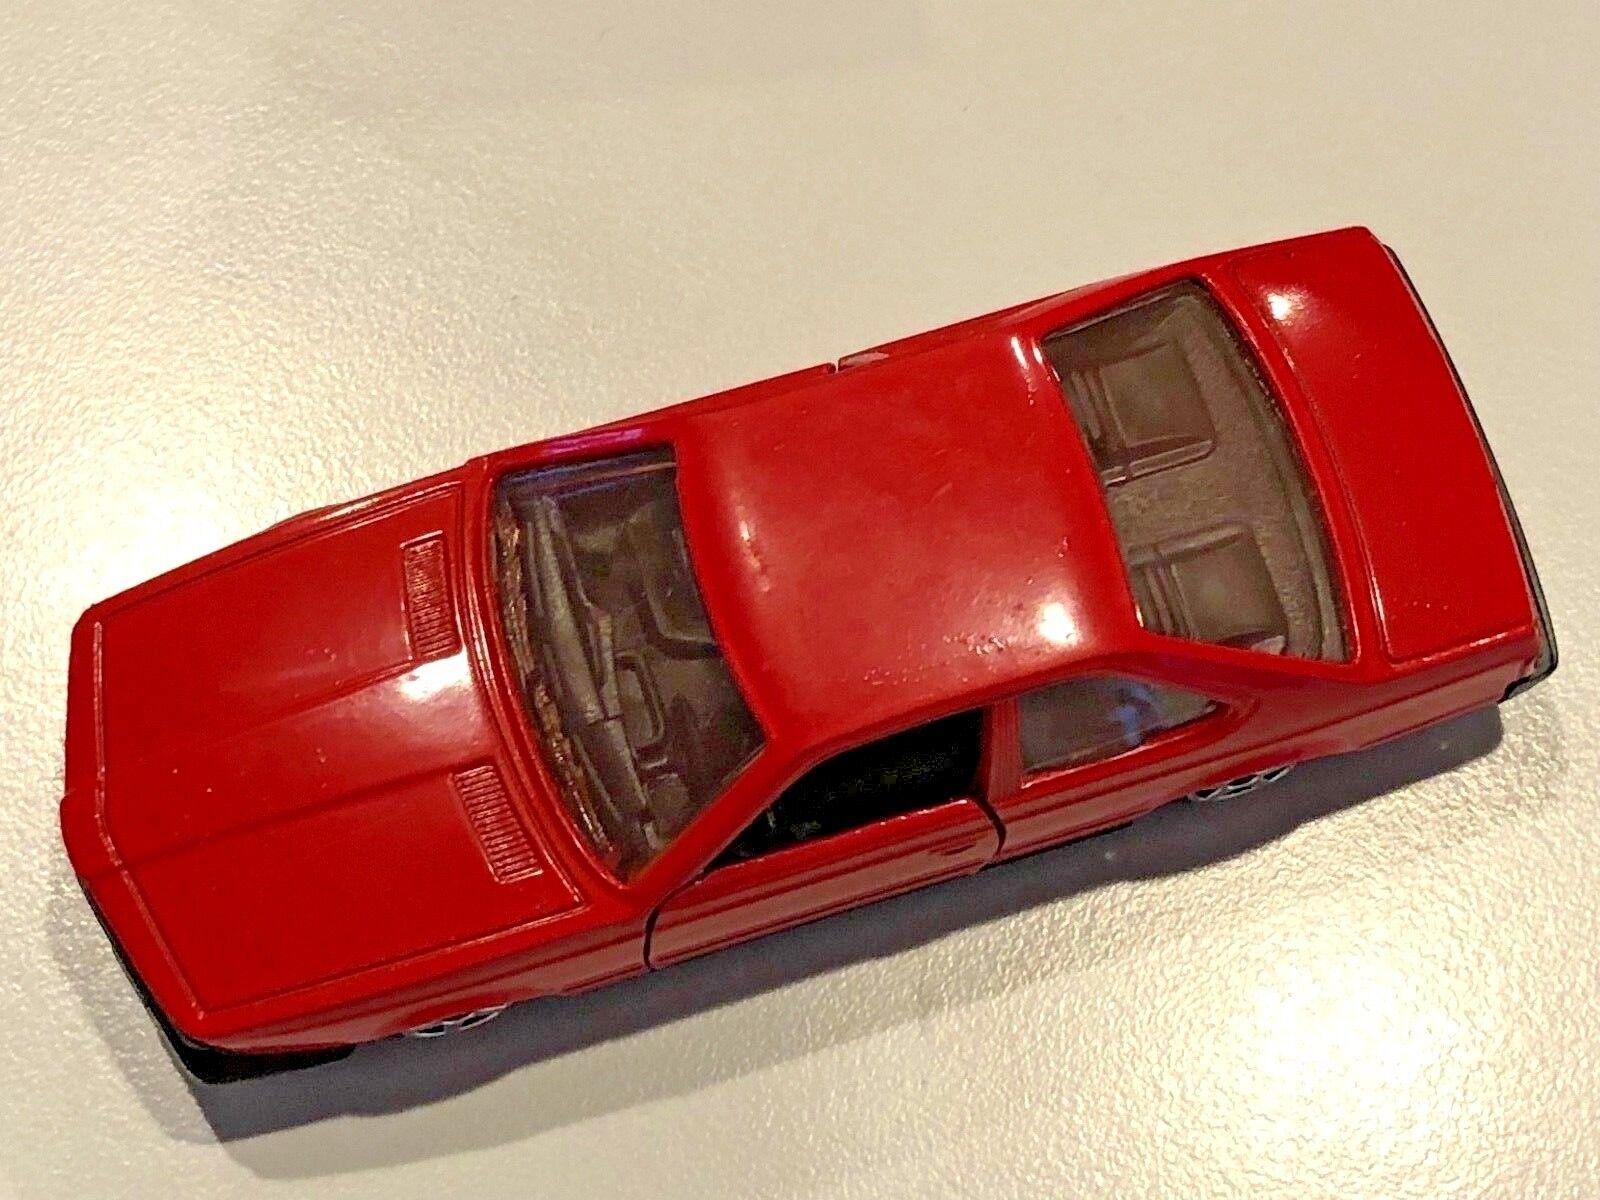 Rare, collectable NOREV BMW 630CSi E24 diecast in 1 43 scale rosso